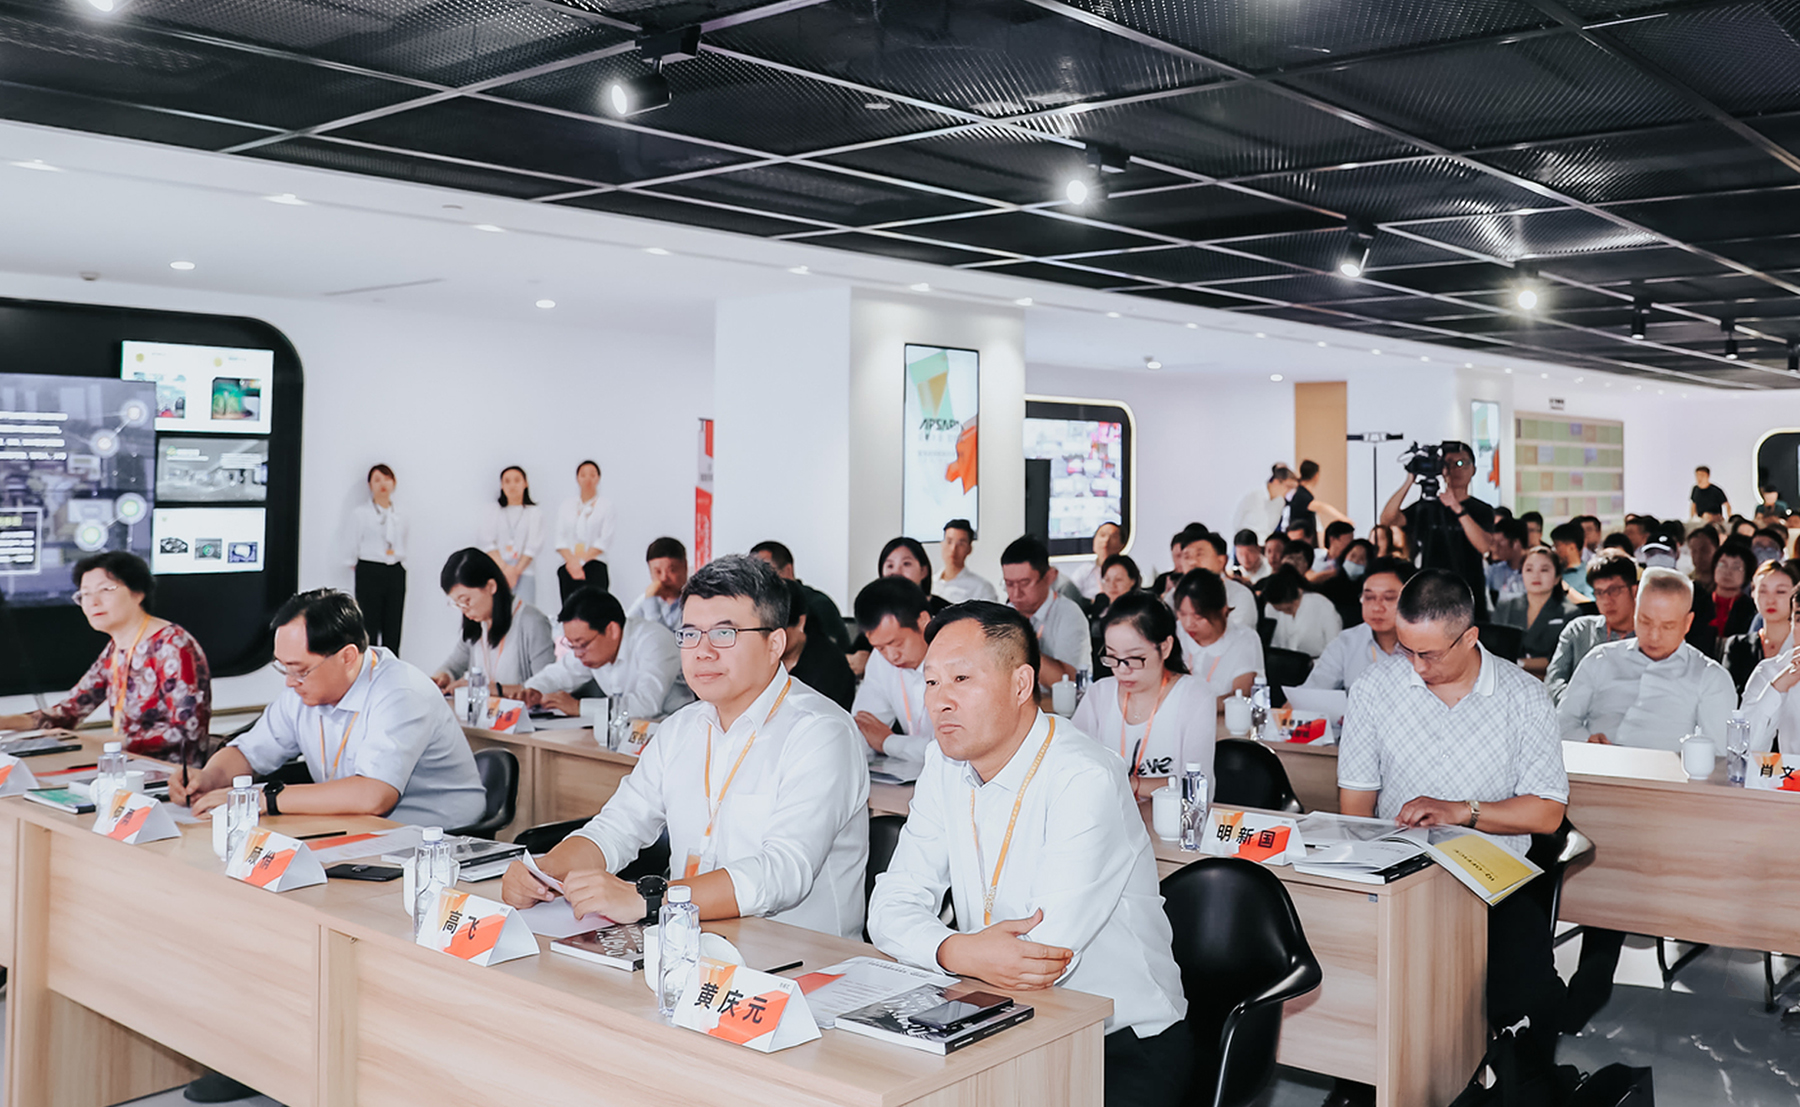 此次活动由阿里巴巴集团主办,上海市经济和信息化委员会、奉贤区人民政府作为指导单位,上海爱企网络科技有